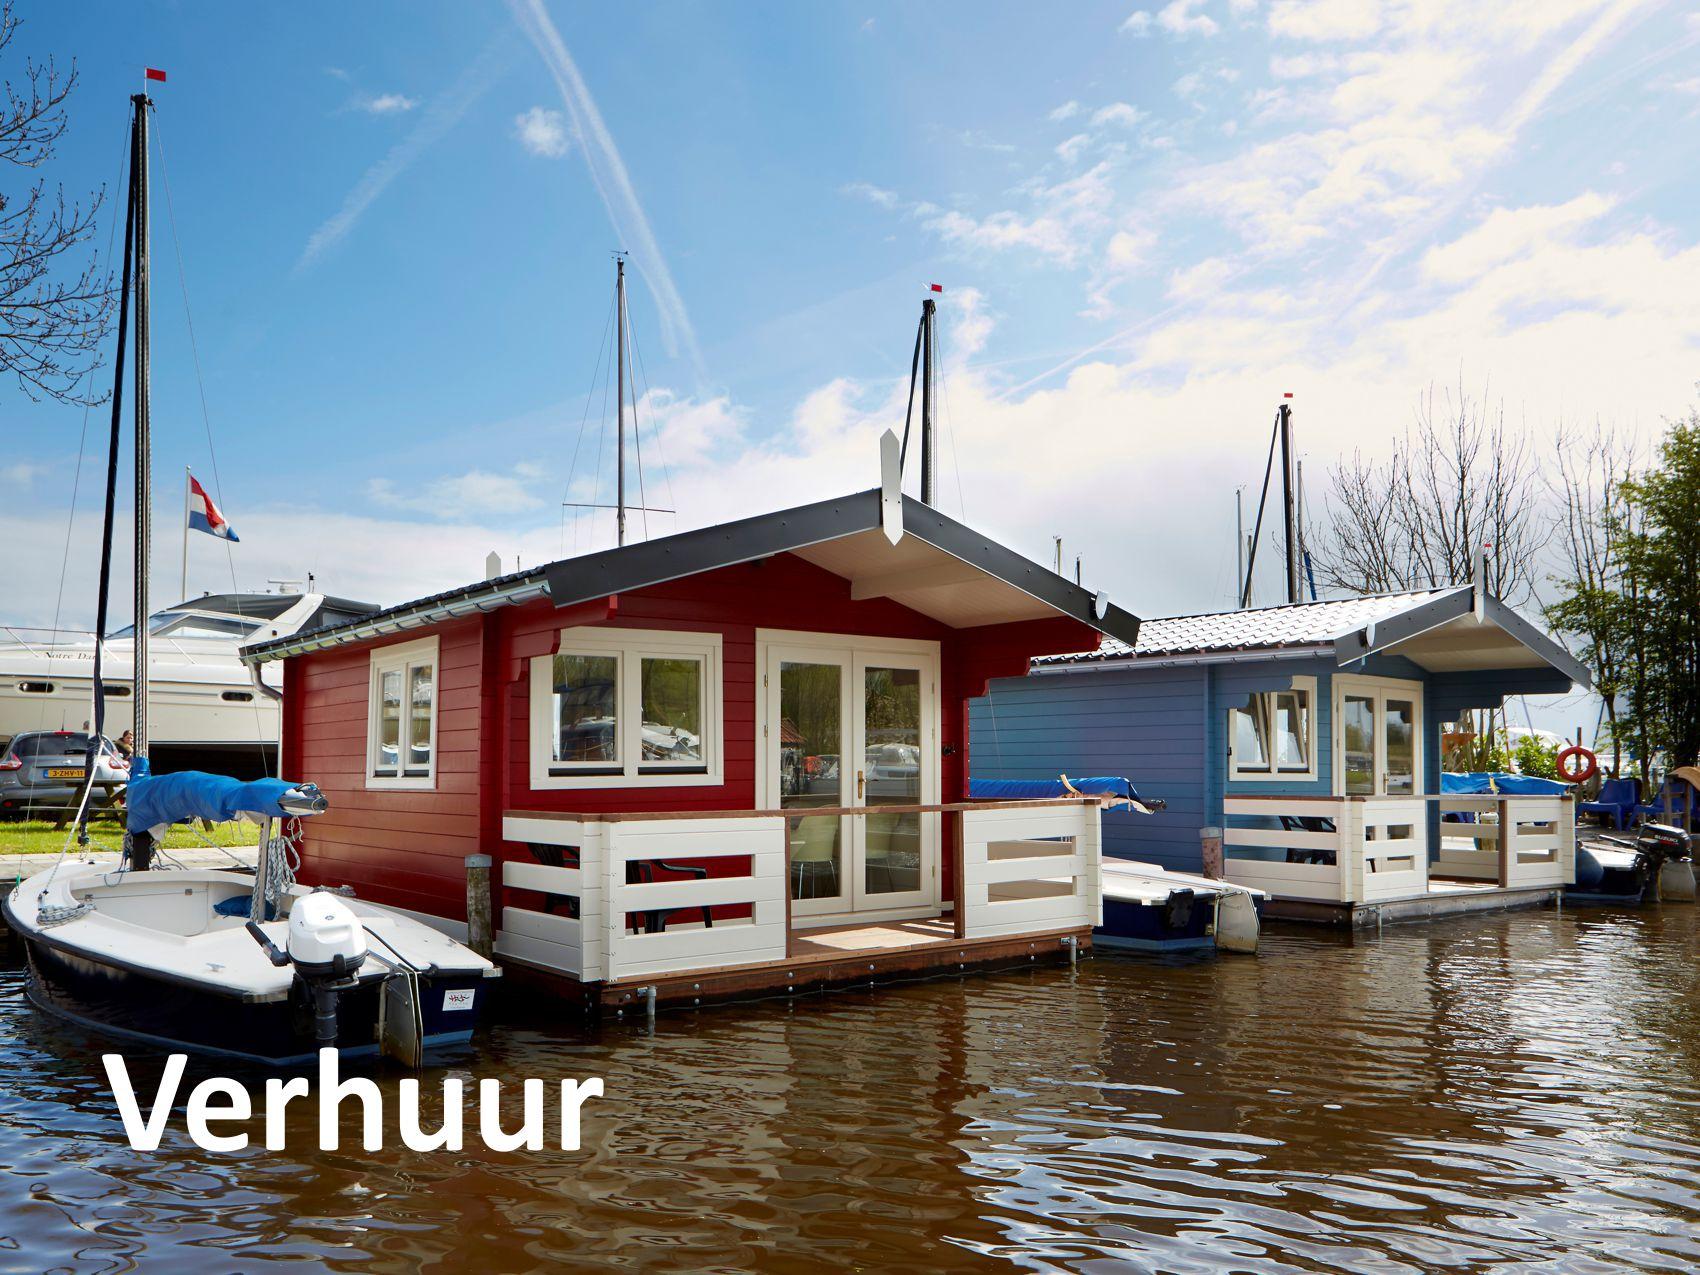 Verhuur_Boot_Verblijf_Accommodatie_Jachthaven_de_Watervriend_Friesland